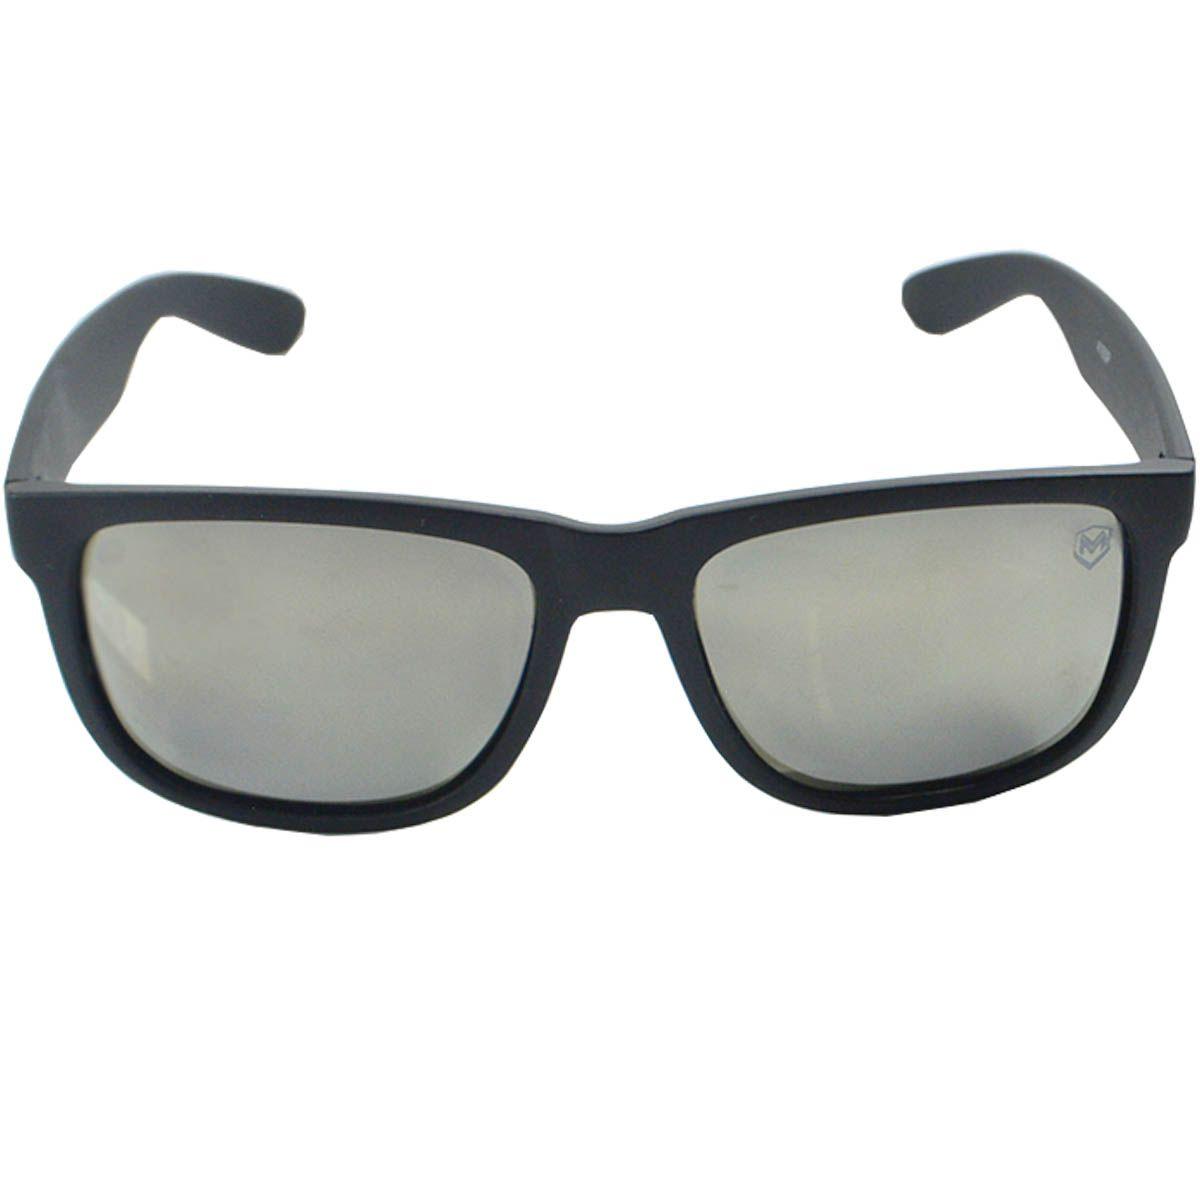 Óculos de Sol Unissex Mackage MK4165P Preto